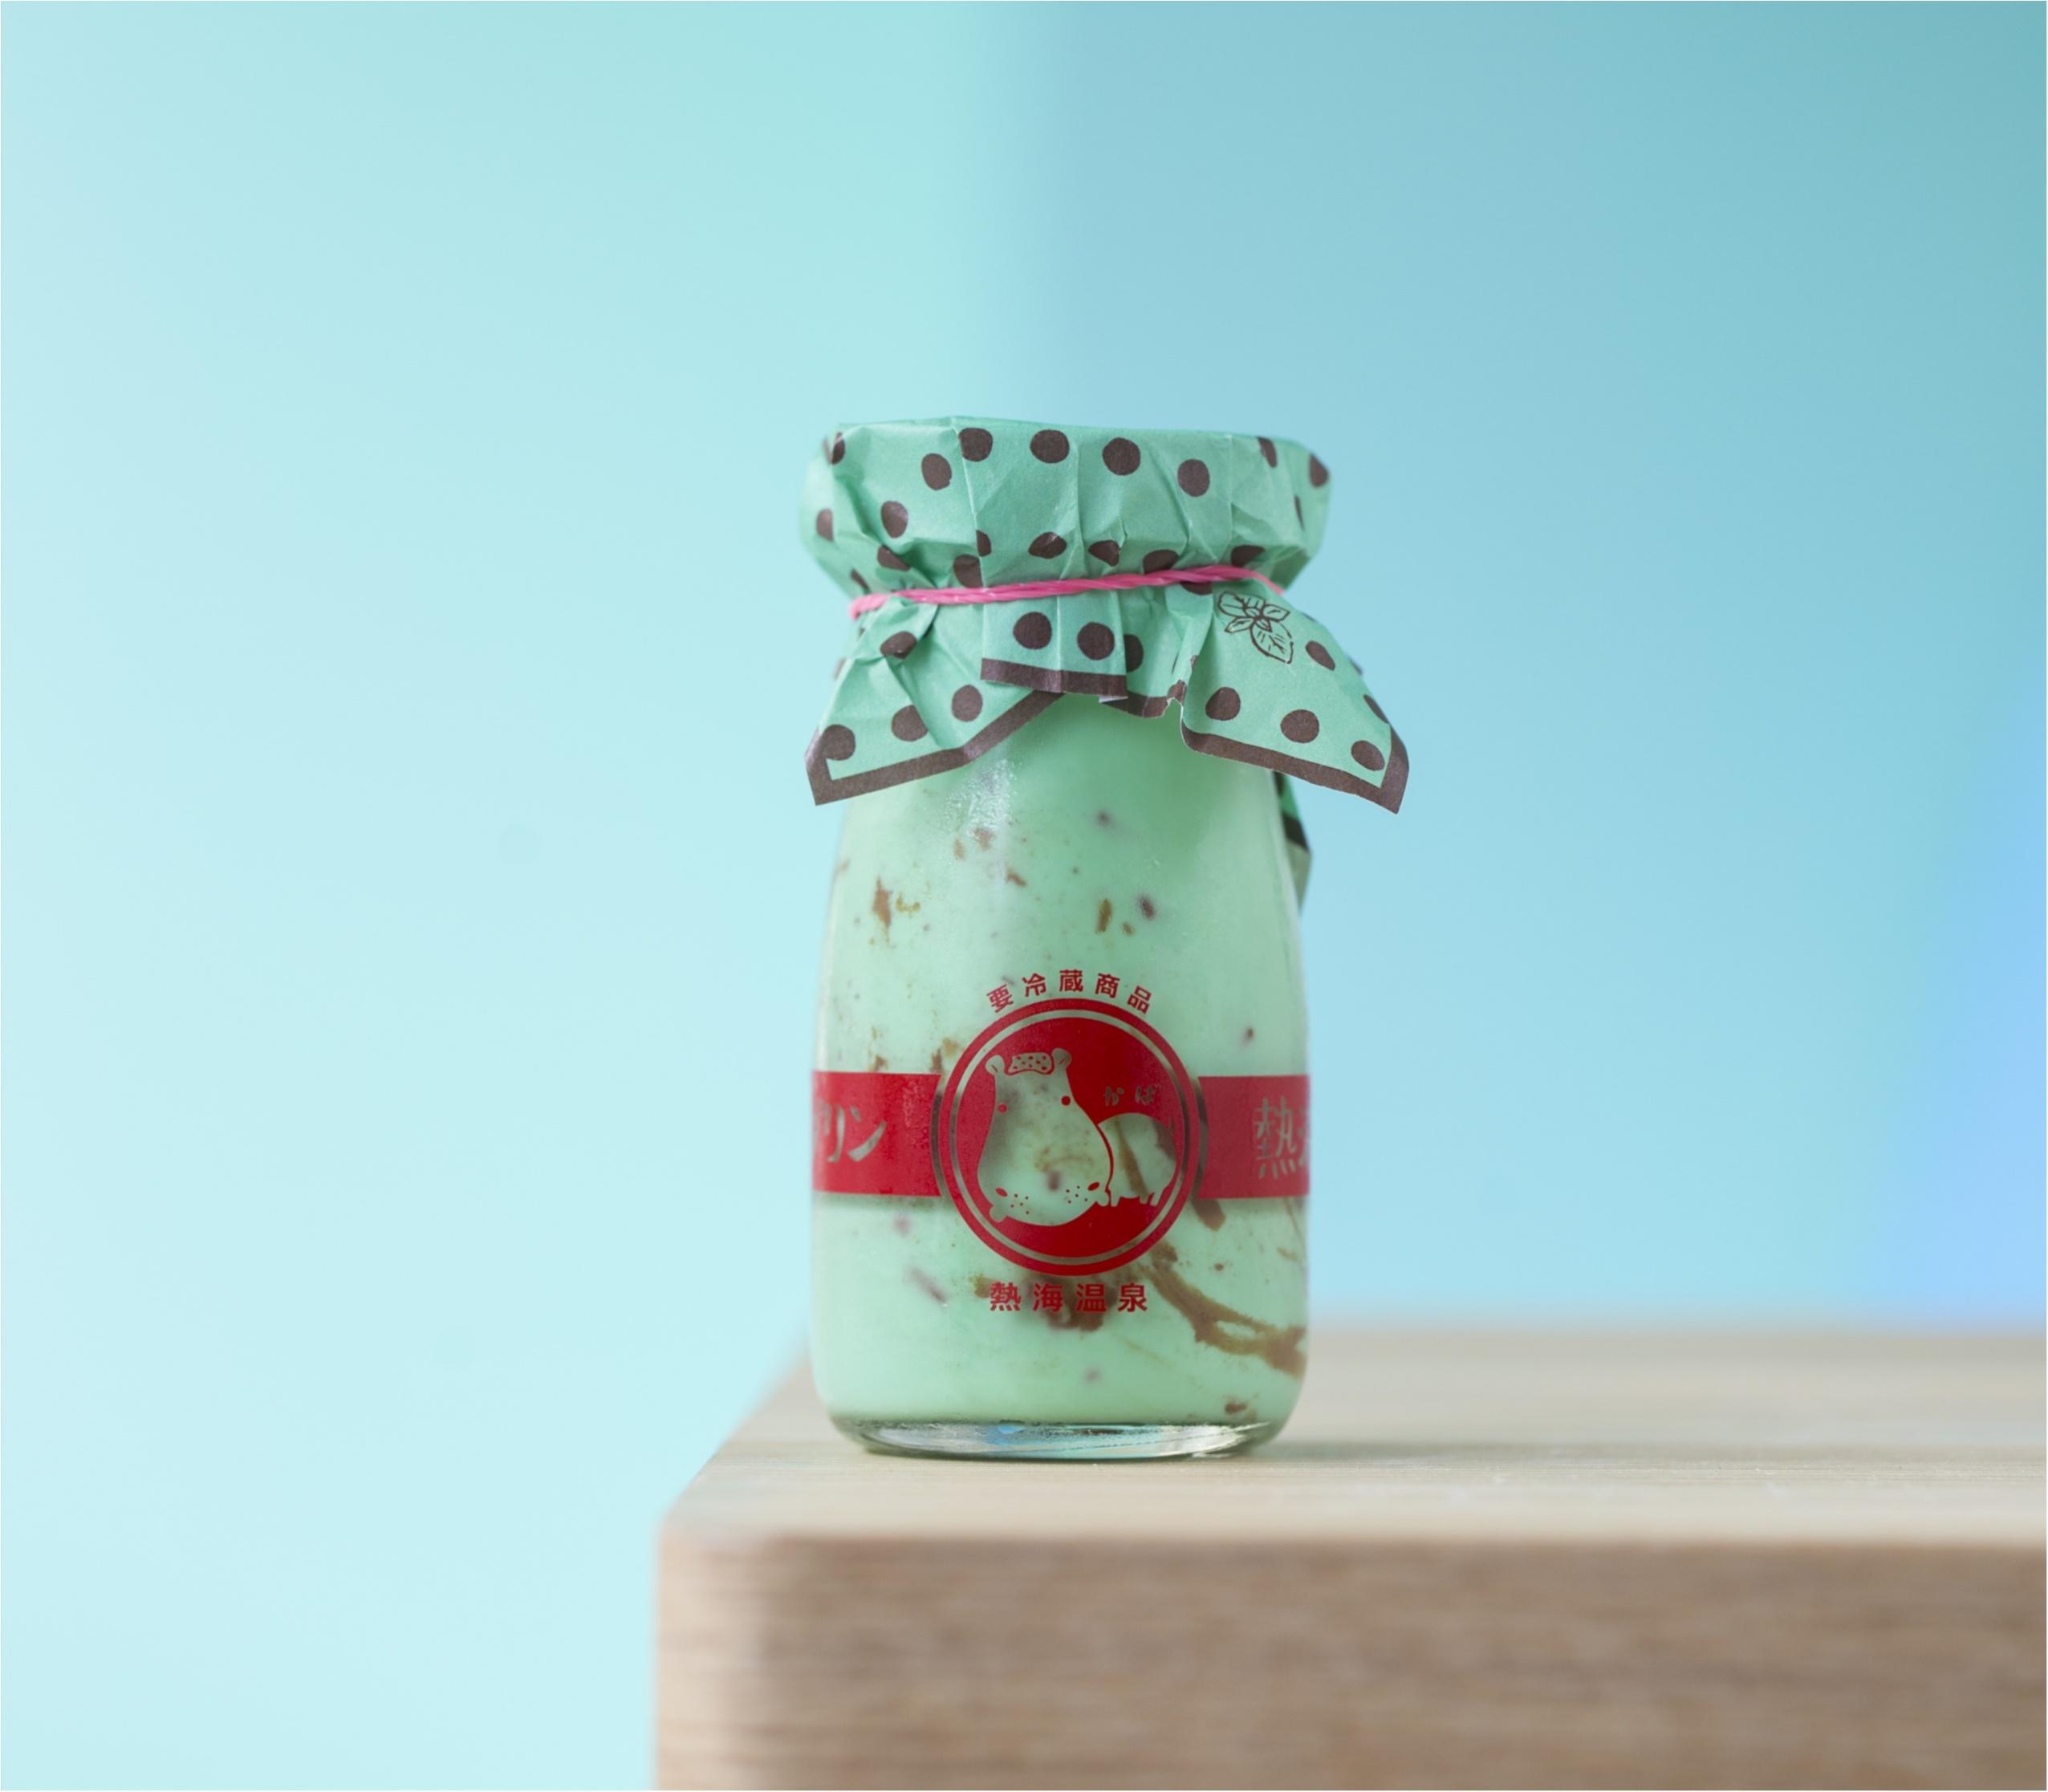 【7/28(土)開店】行列のできるプリン専門店『熱海プリン』の2号店! 温泉がテーマのキュートなカフェも♡_3